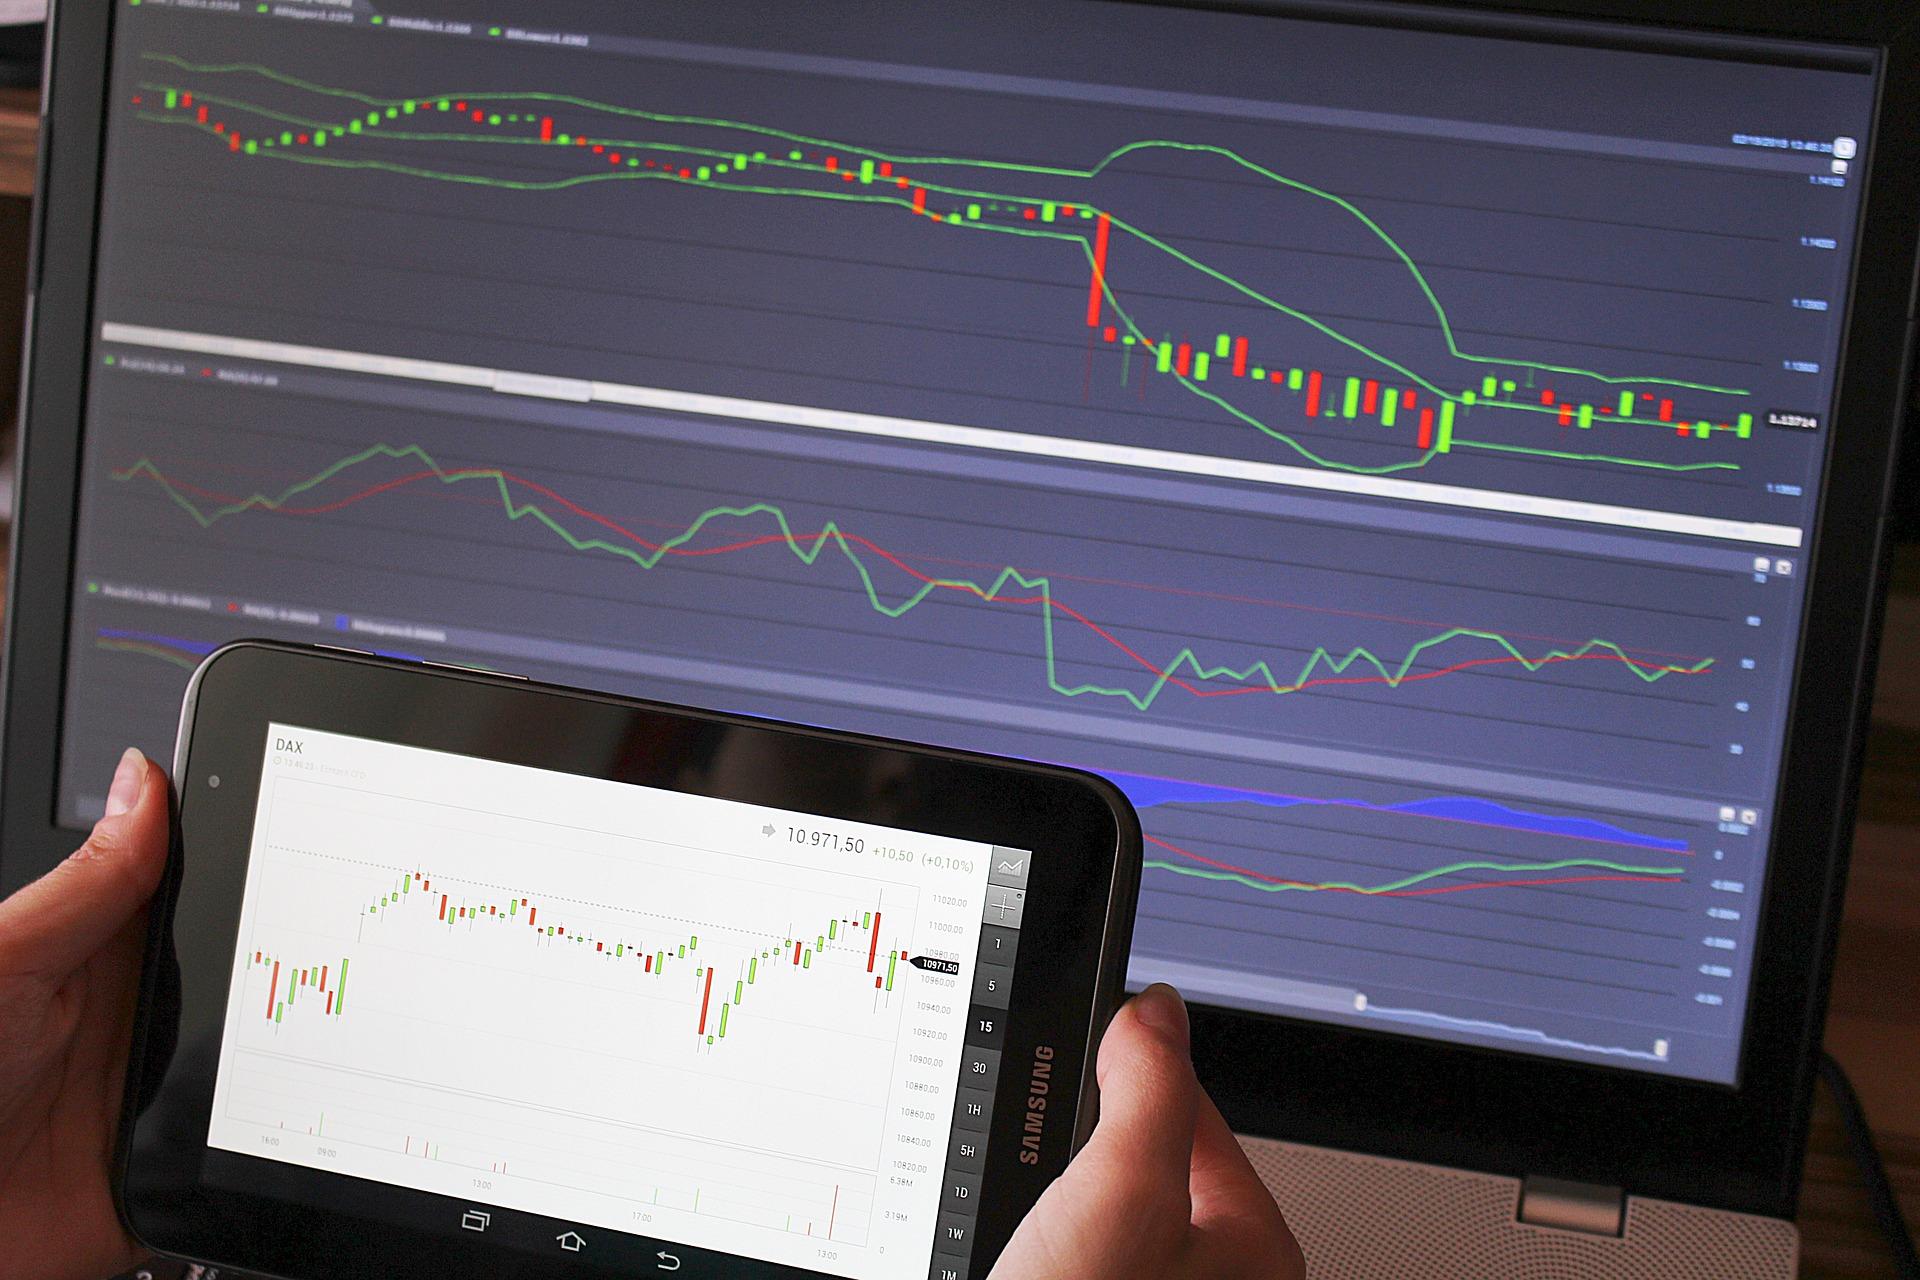 ¿Cómo ganar dinero en Forex? Instrucción para principiantes